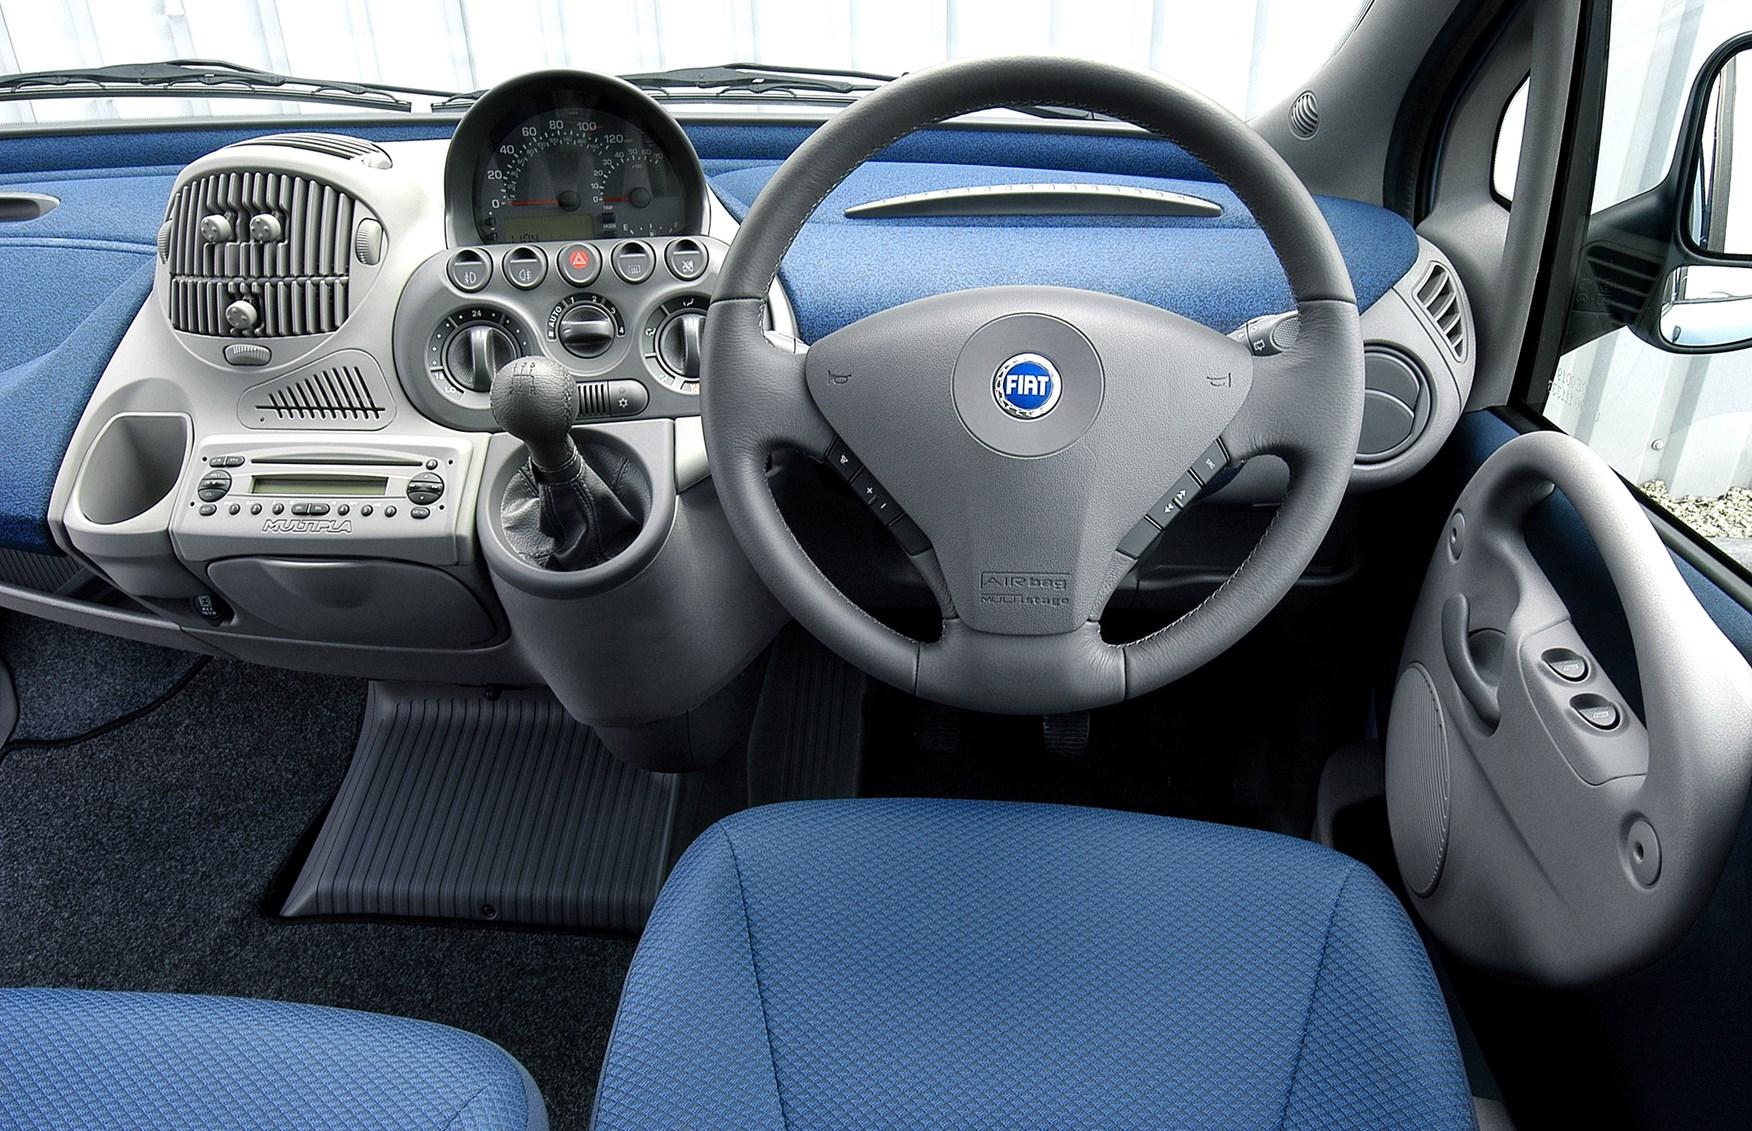 Fiat multipla interior